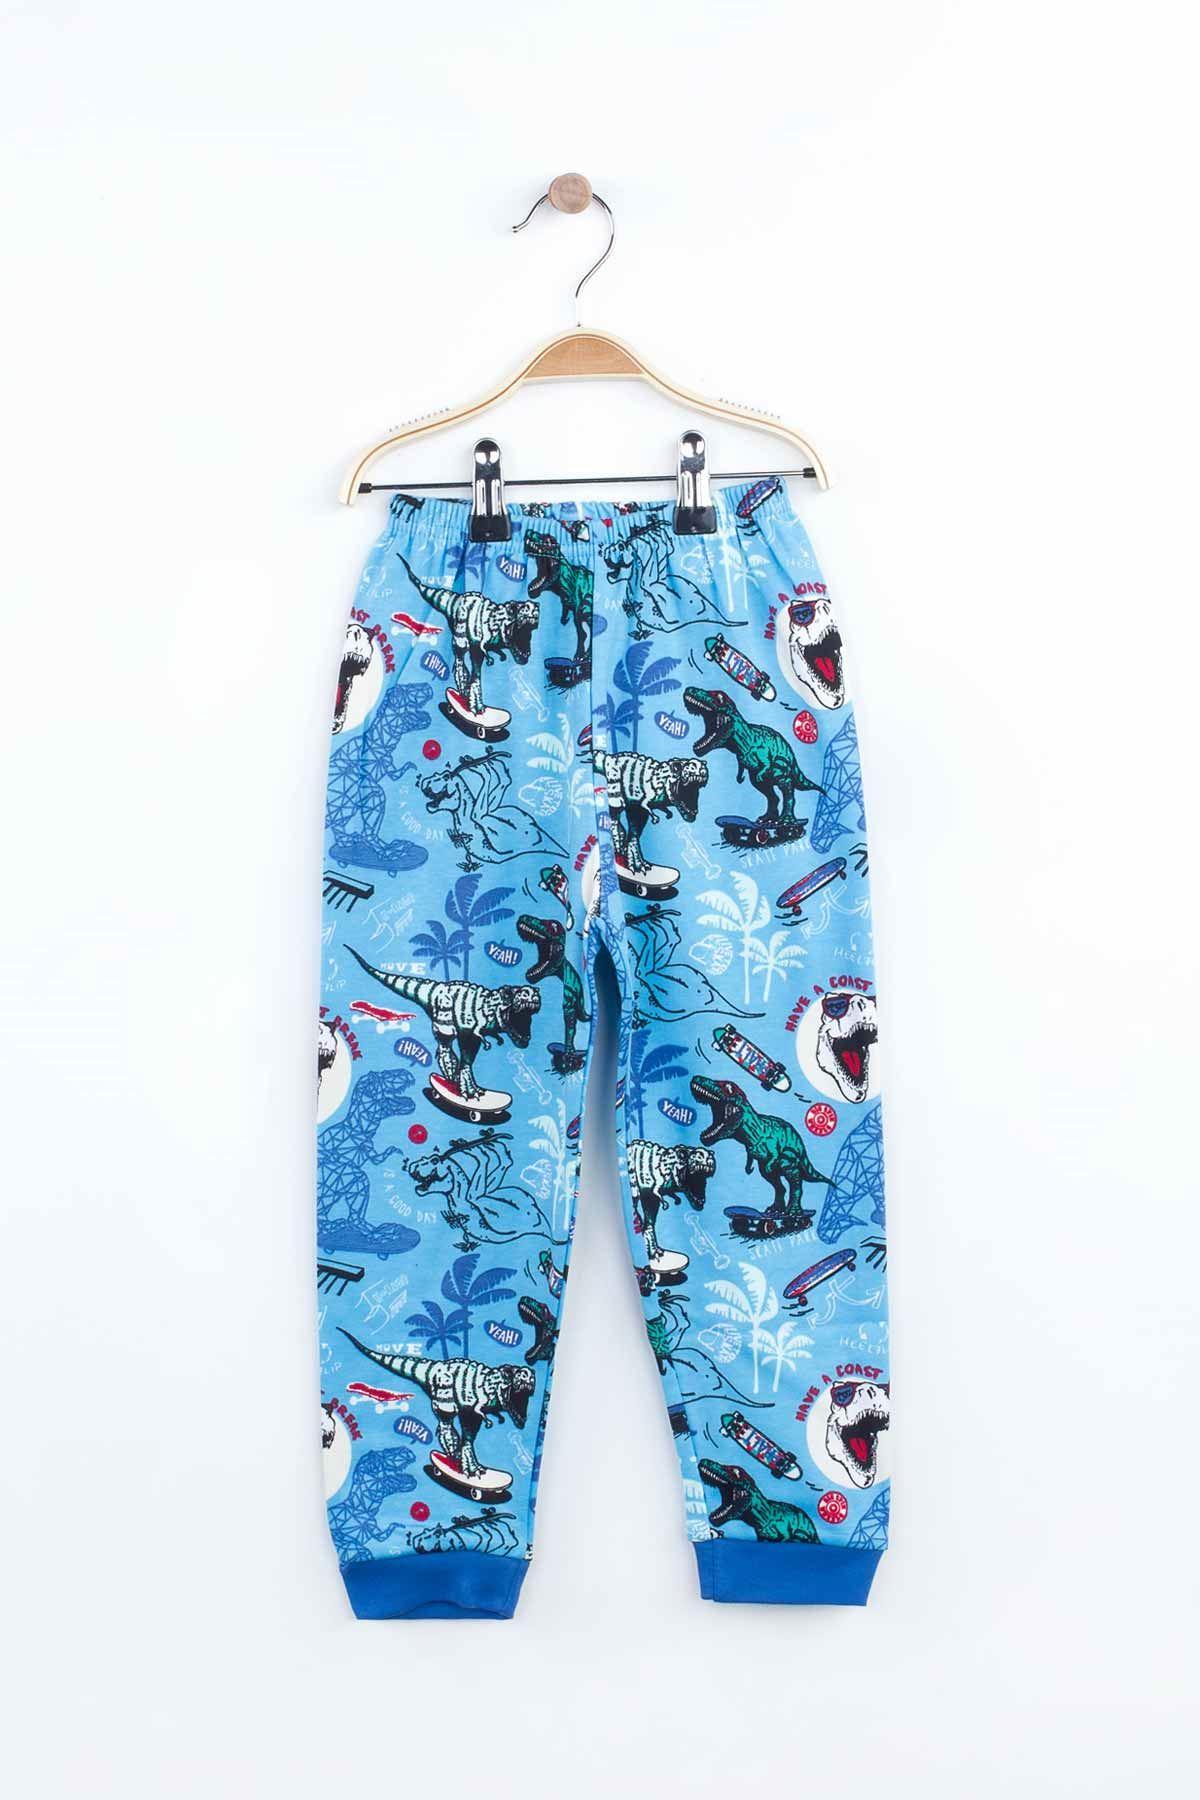 Blue Boys Girls Pajamas Set Bottom Pajamas Top Pajamas Kids Daily Wear Homewear Cotton Comfortable Children Pajamas Sets